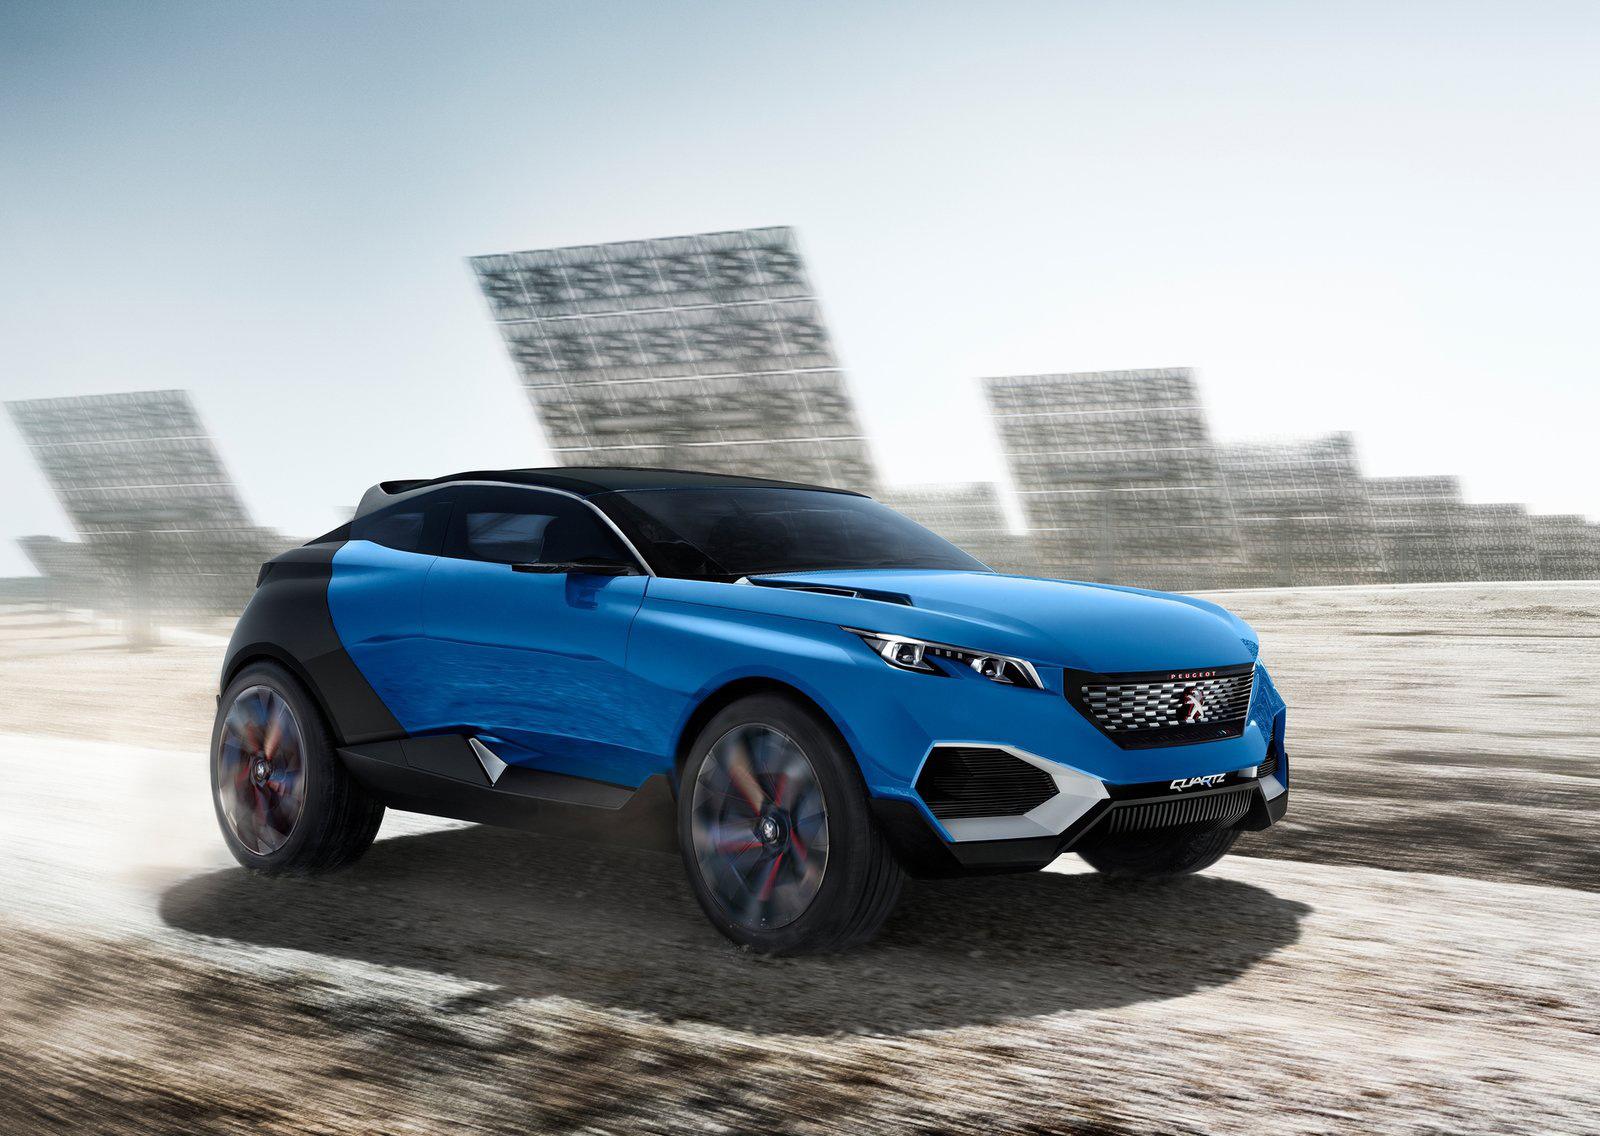 Peugeot-Quartz_Concept_2014_1600x1200_wallpaper_01